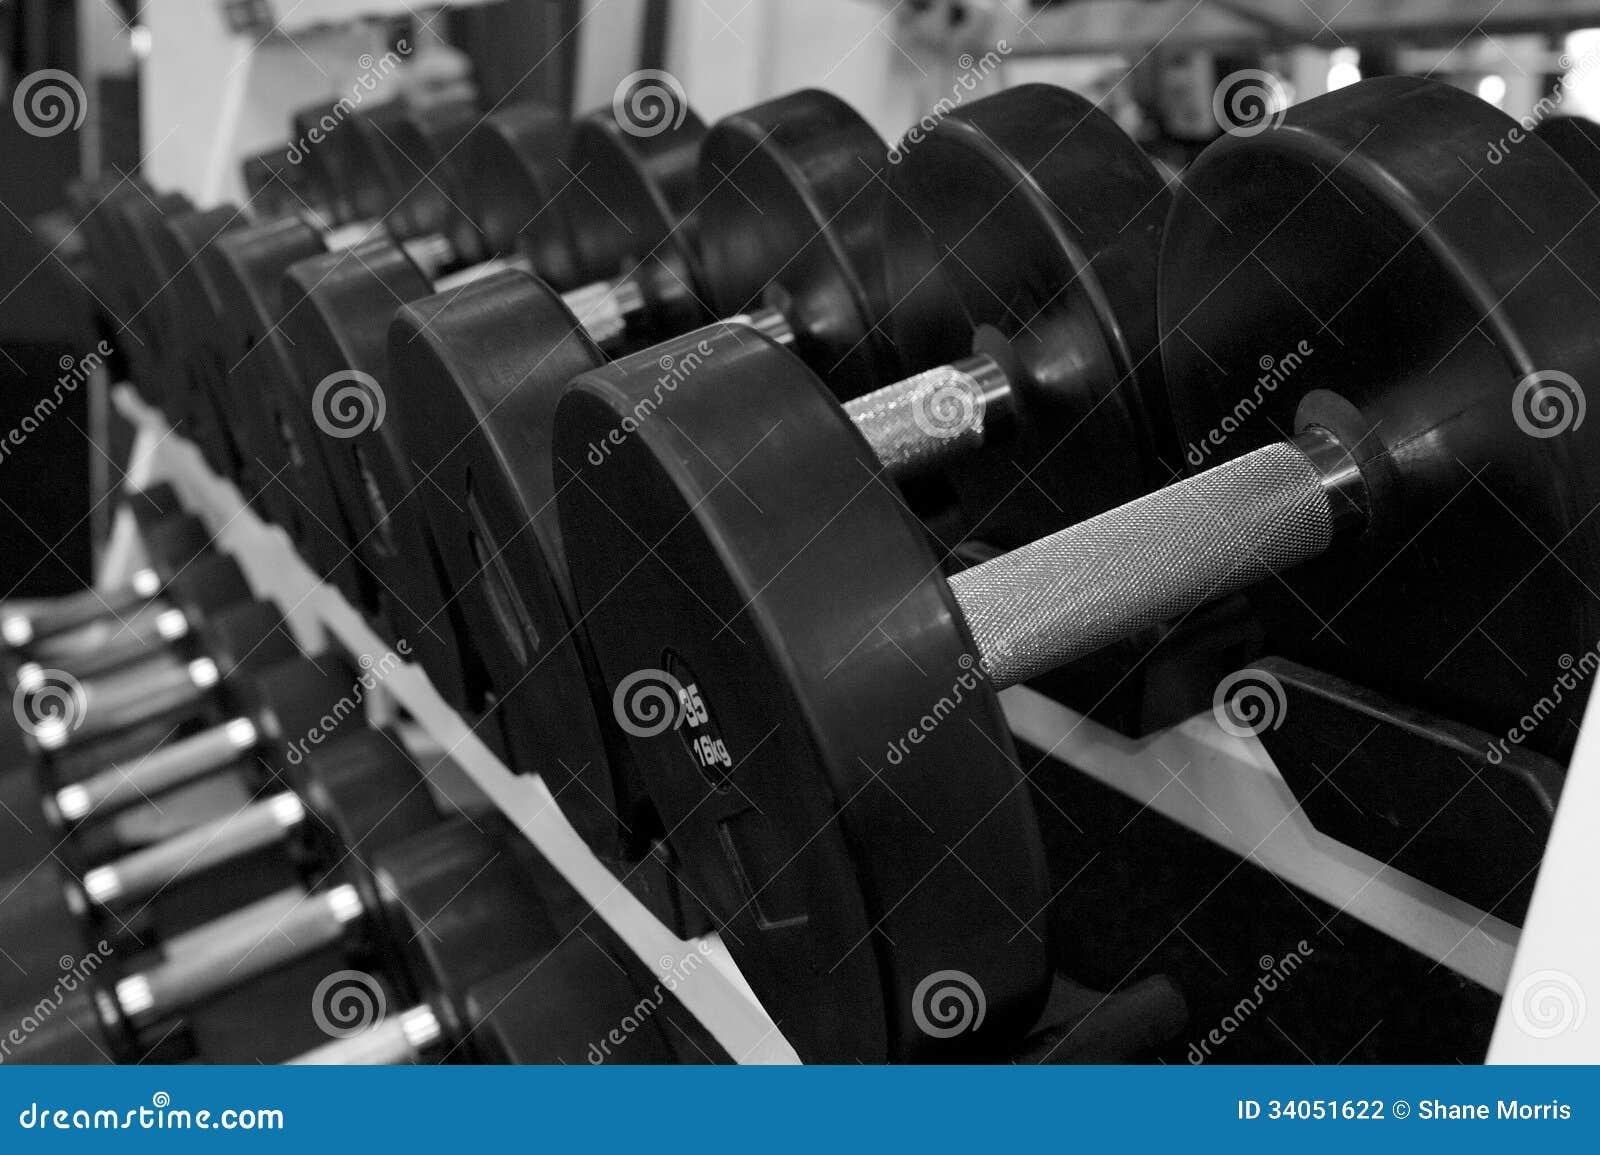 Imagen blanco y negro de un estante de pesas de gimnasia - Imagenes de gimnasio ...